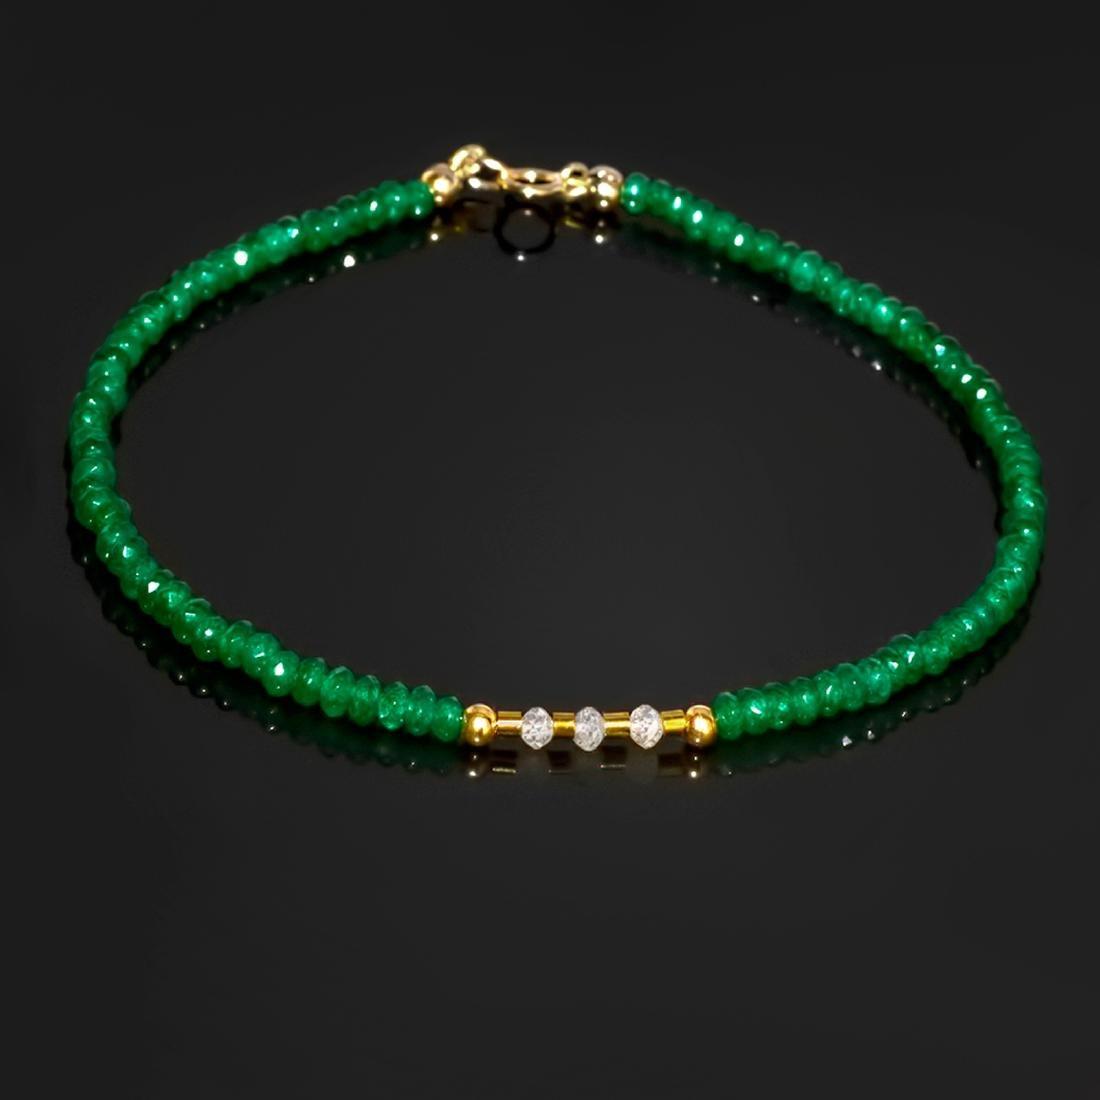 14K Retro Style Precious Jadeite Jade bracelet with